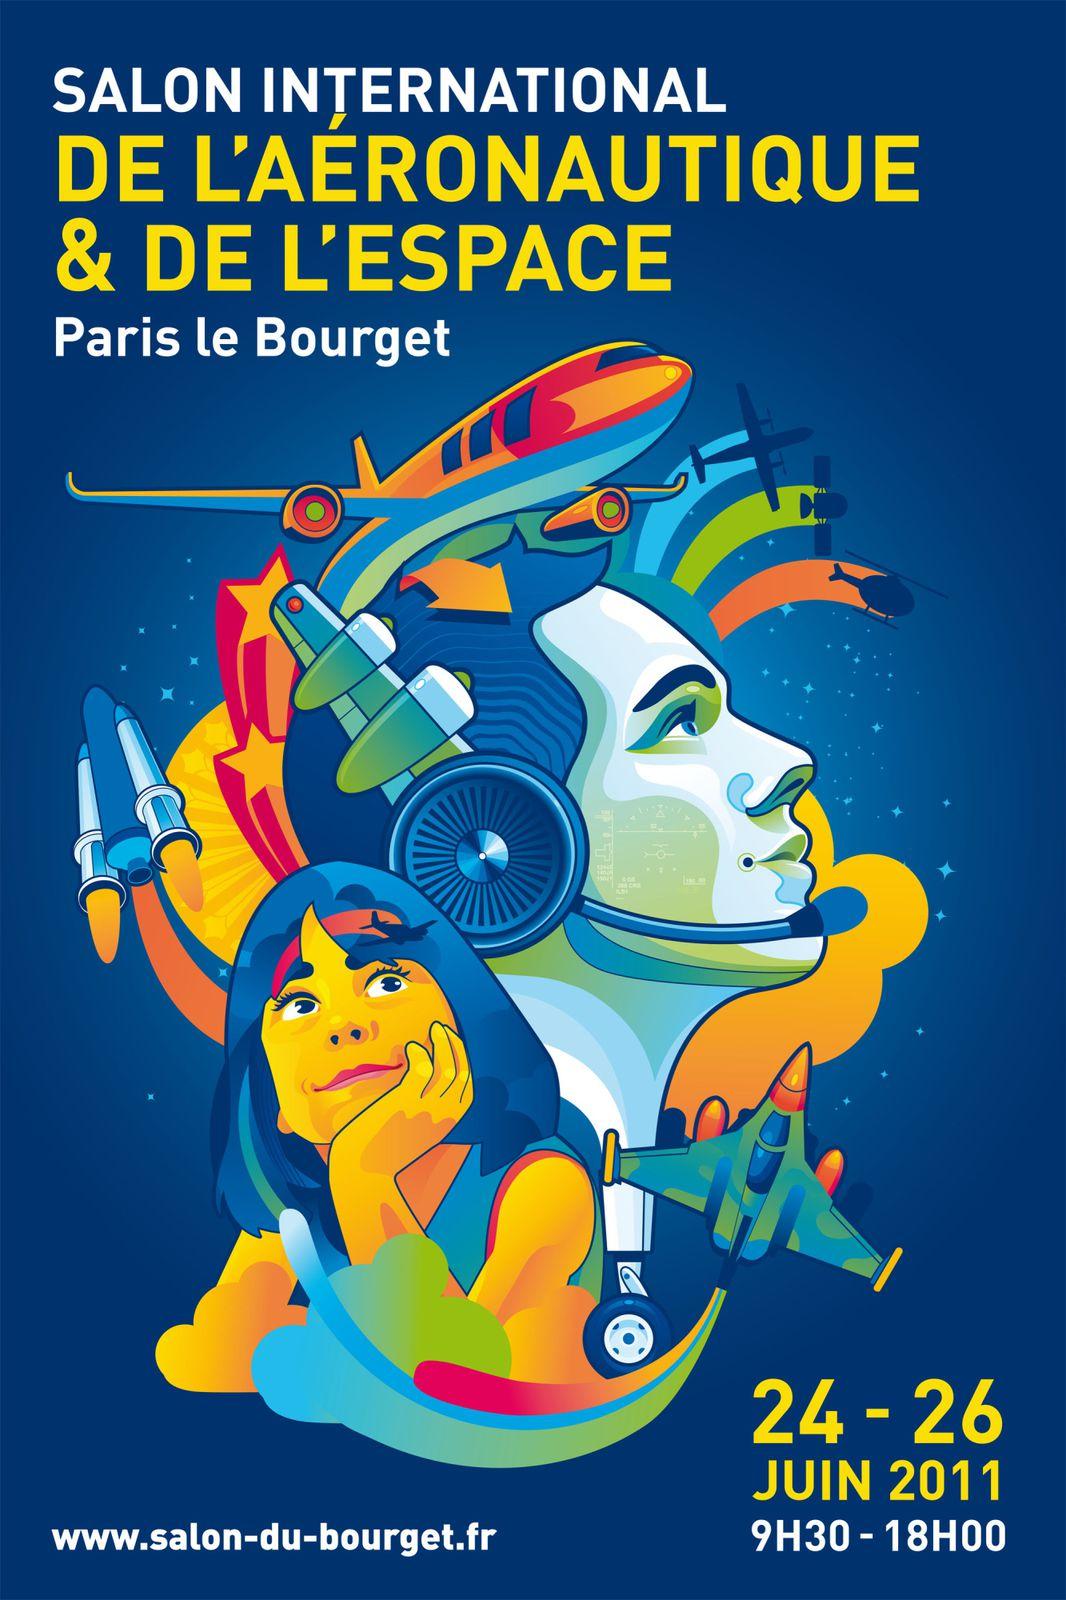 Ectac salon du bourget 2011 siae international de l for Salon de l invention paris